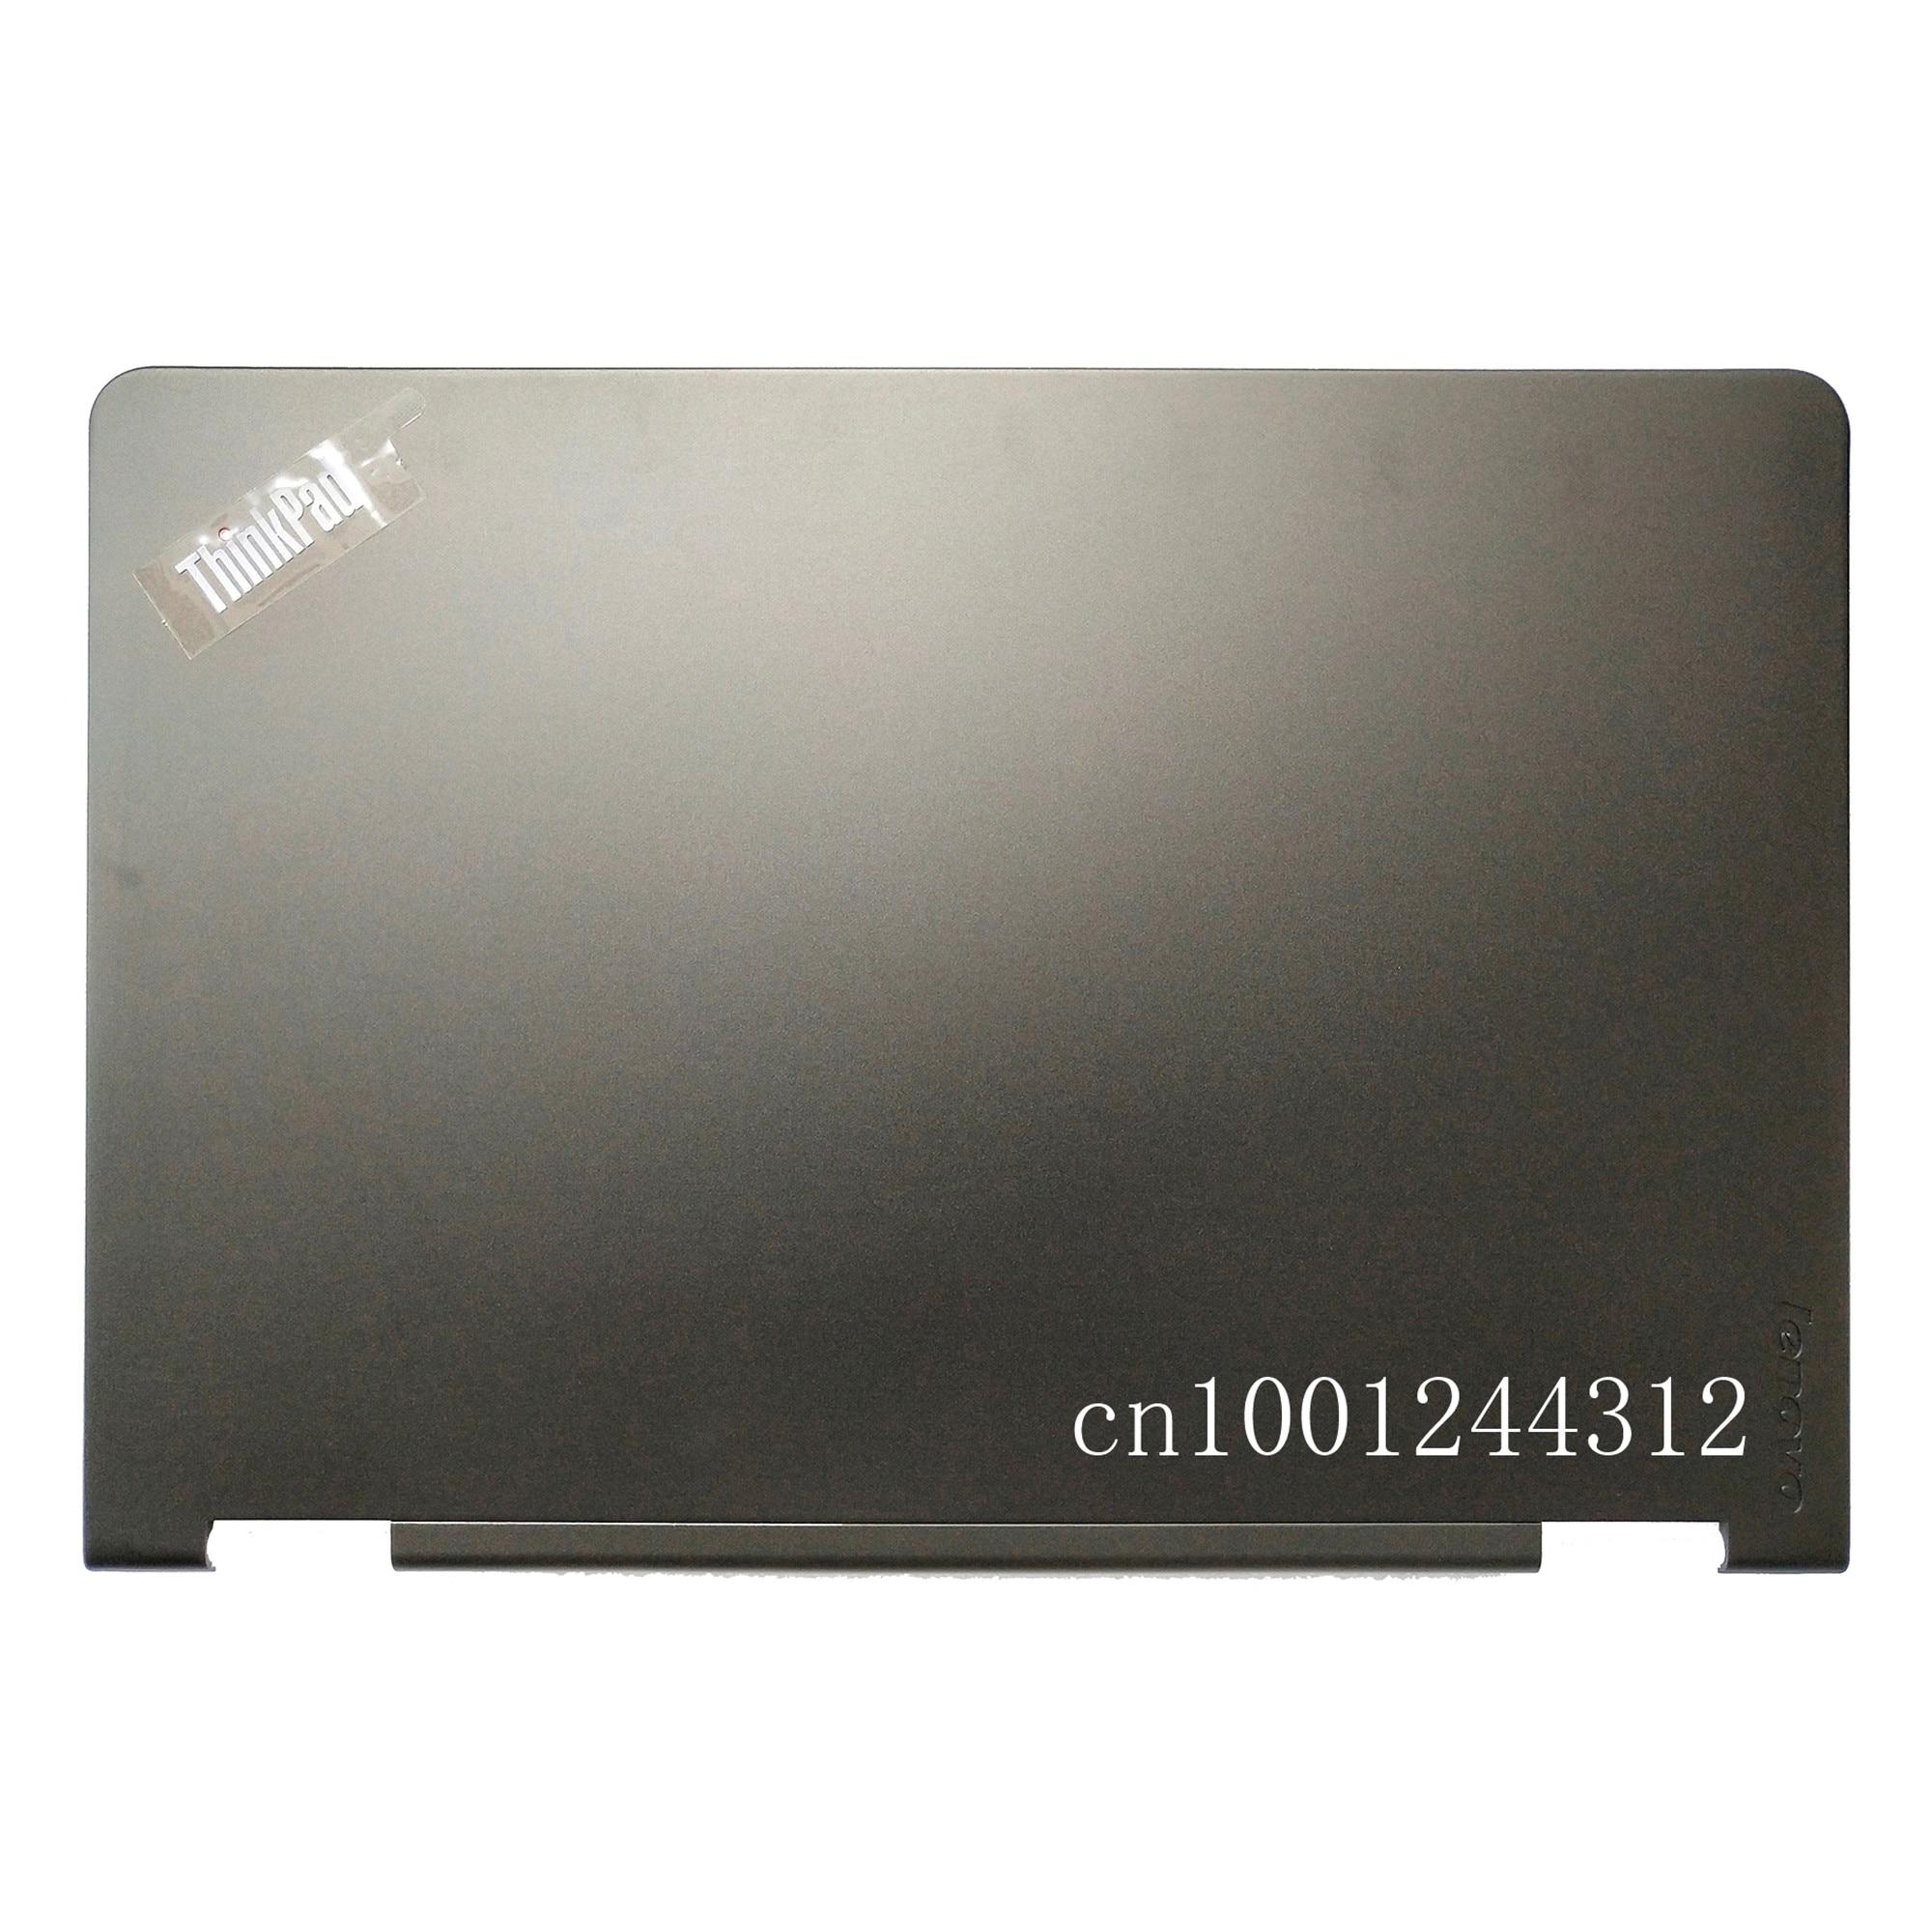 غطاء خلفي LCD لجهاز Lenovo Thinkpad S3 YOGA 14 ، غطاء خلفي ، أسود ، جديد ، 00UP069